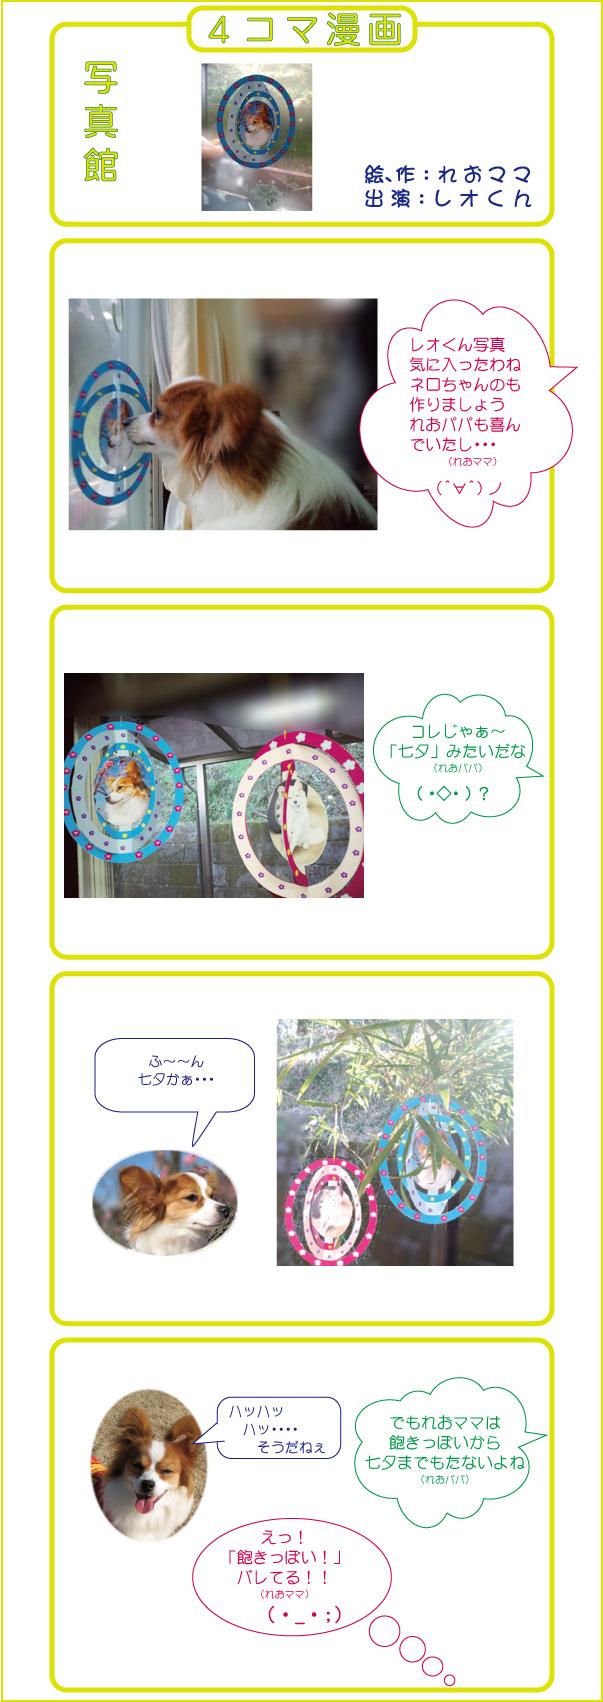 七夕・・・・・・レオくんの4コマ漫画集